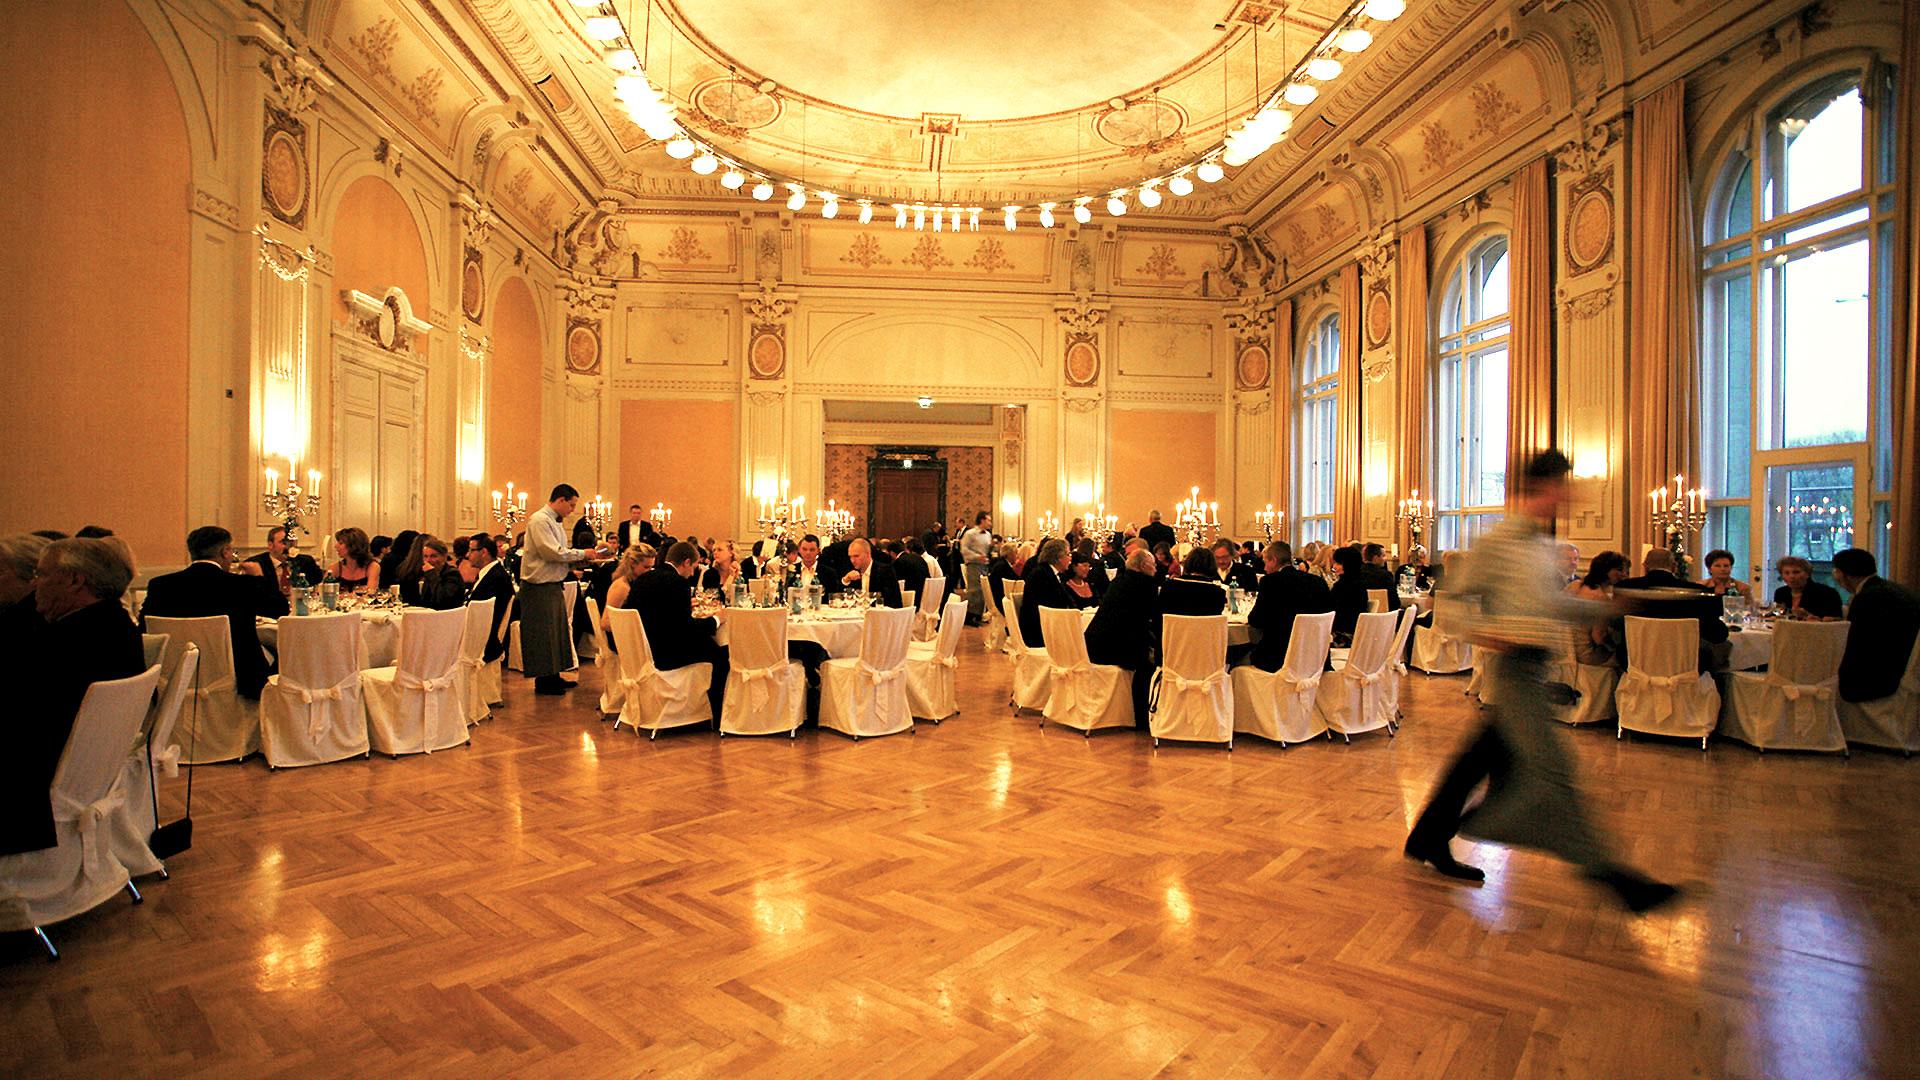 Hochzeit in wuppertal feiern